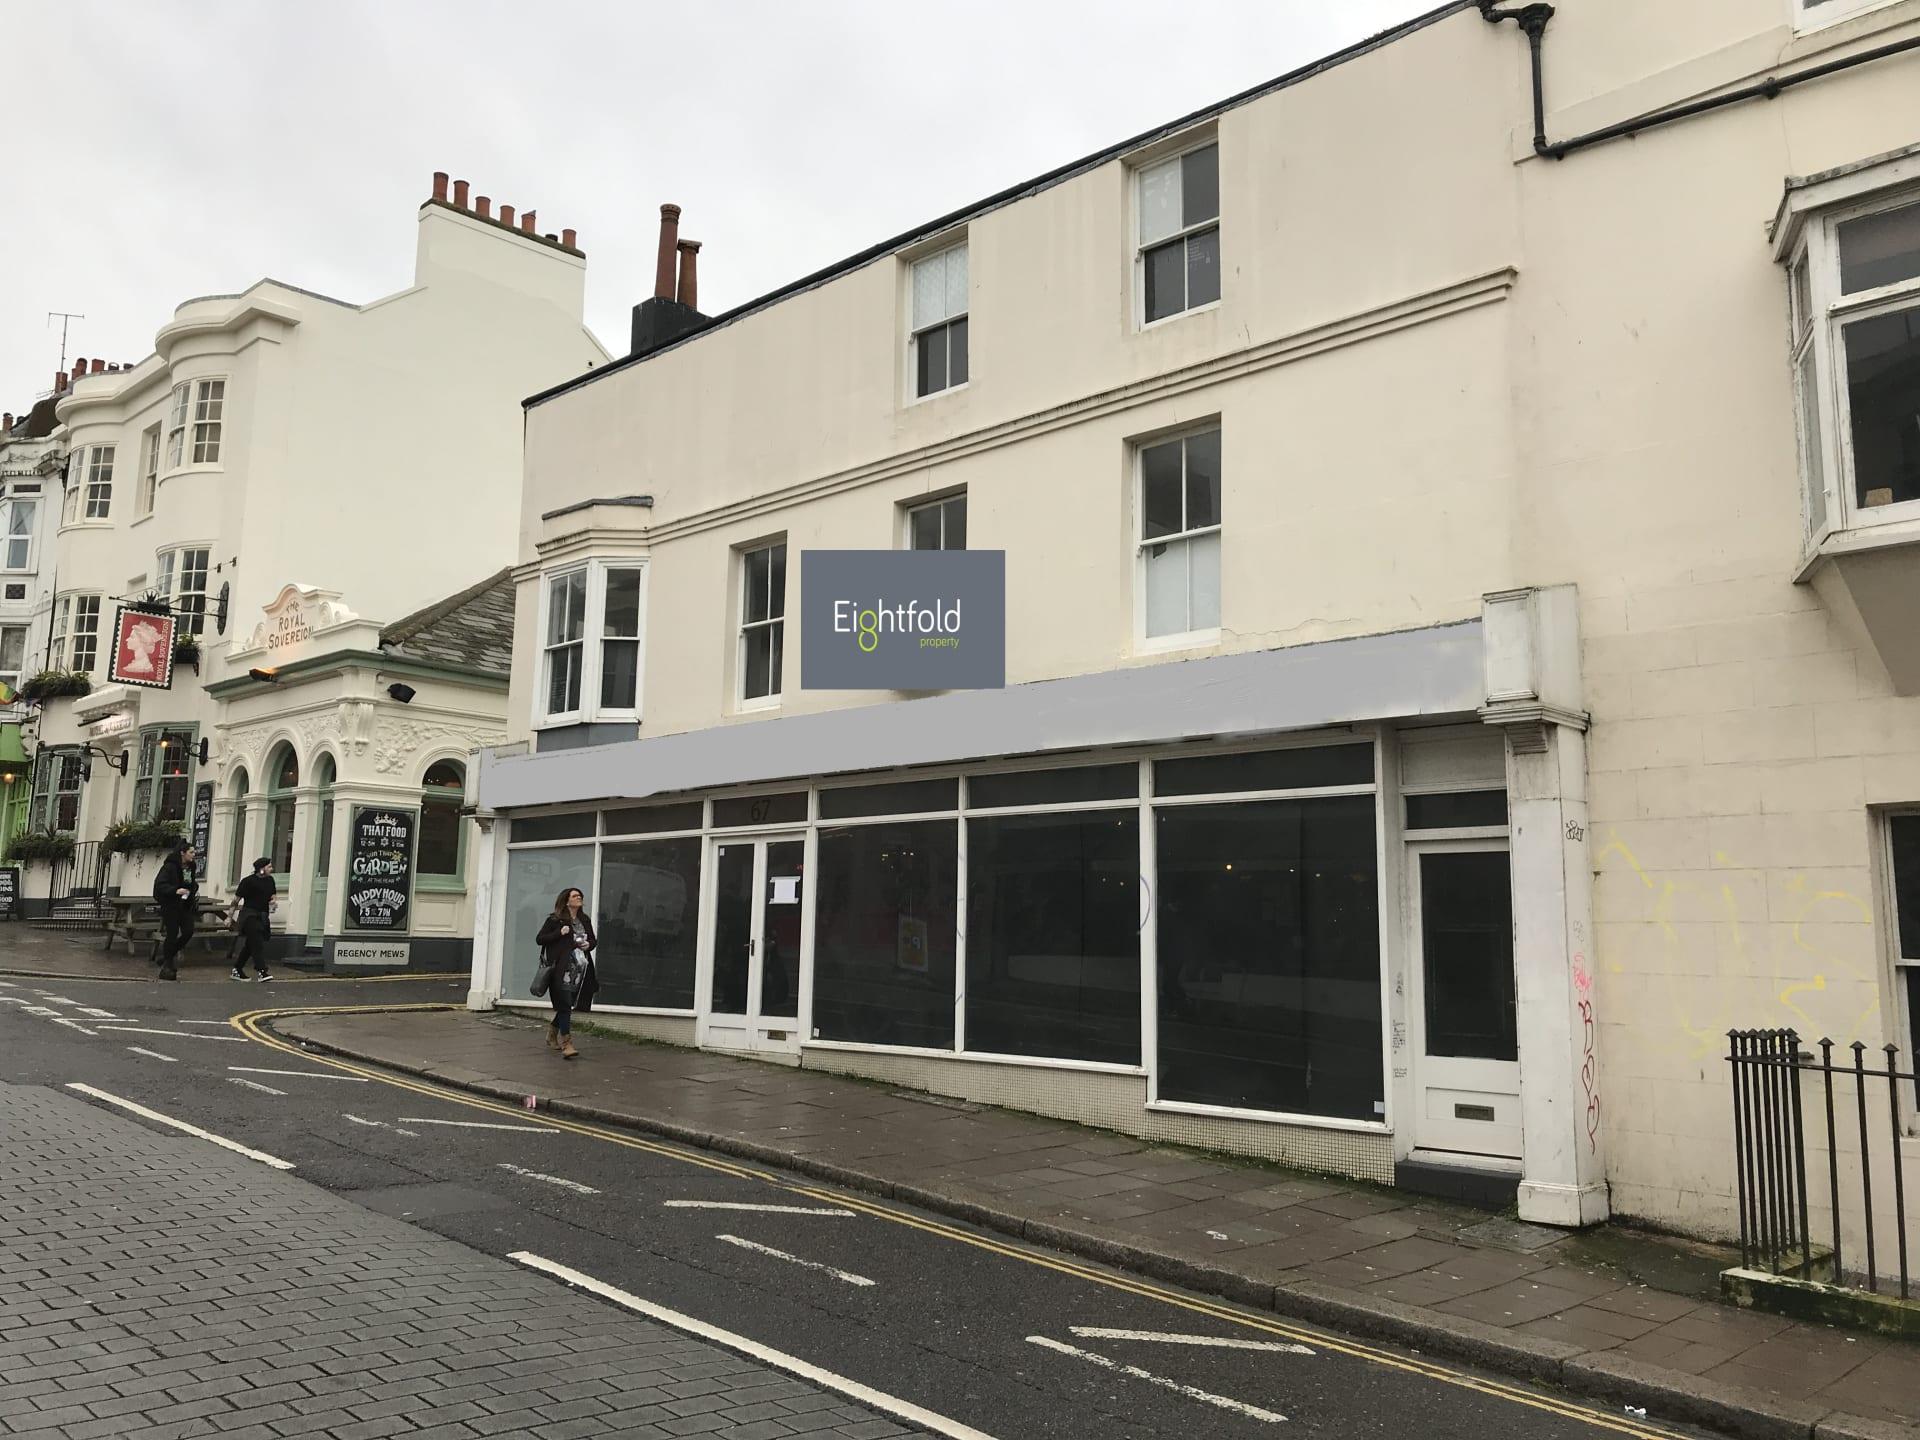 67 Preston Street Brighton image.